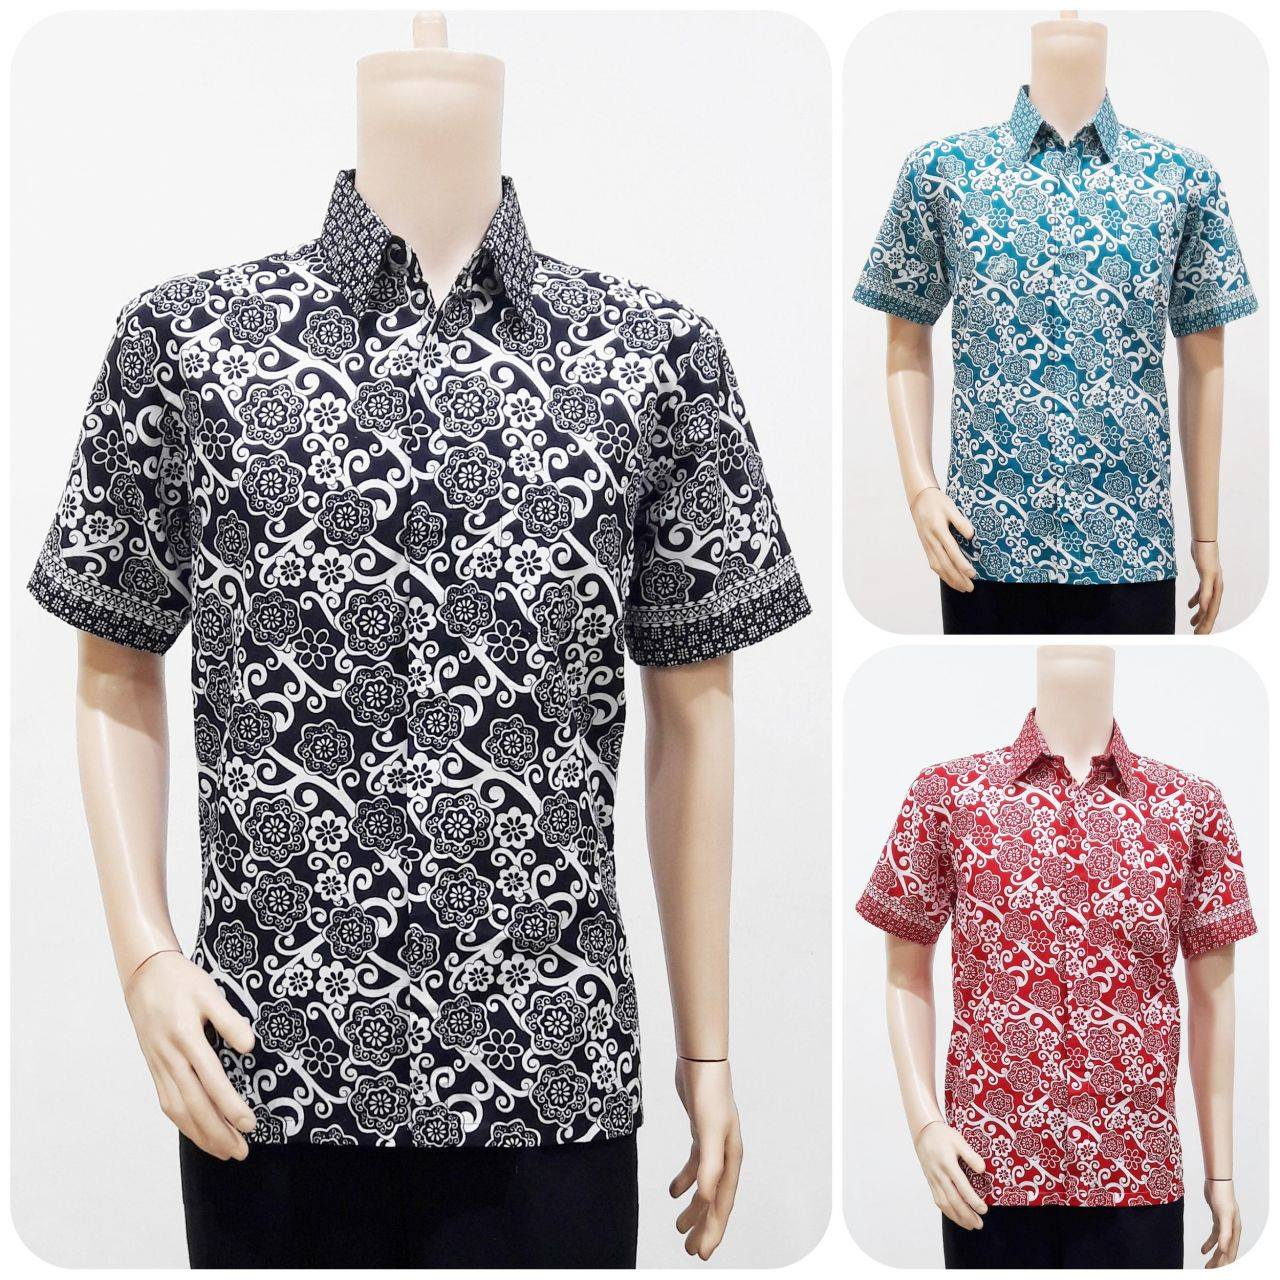 Potongan Baju Batik Pria: Model Baju Batik Pria Motif Bunga